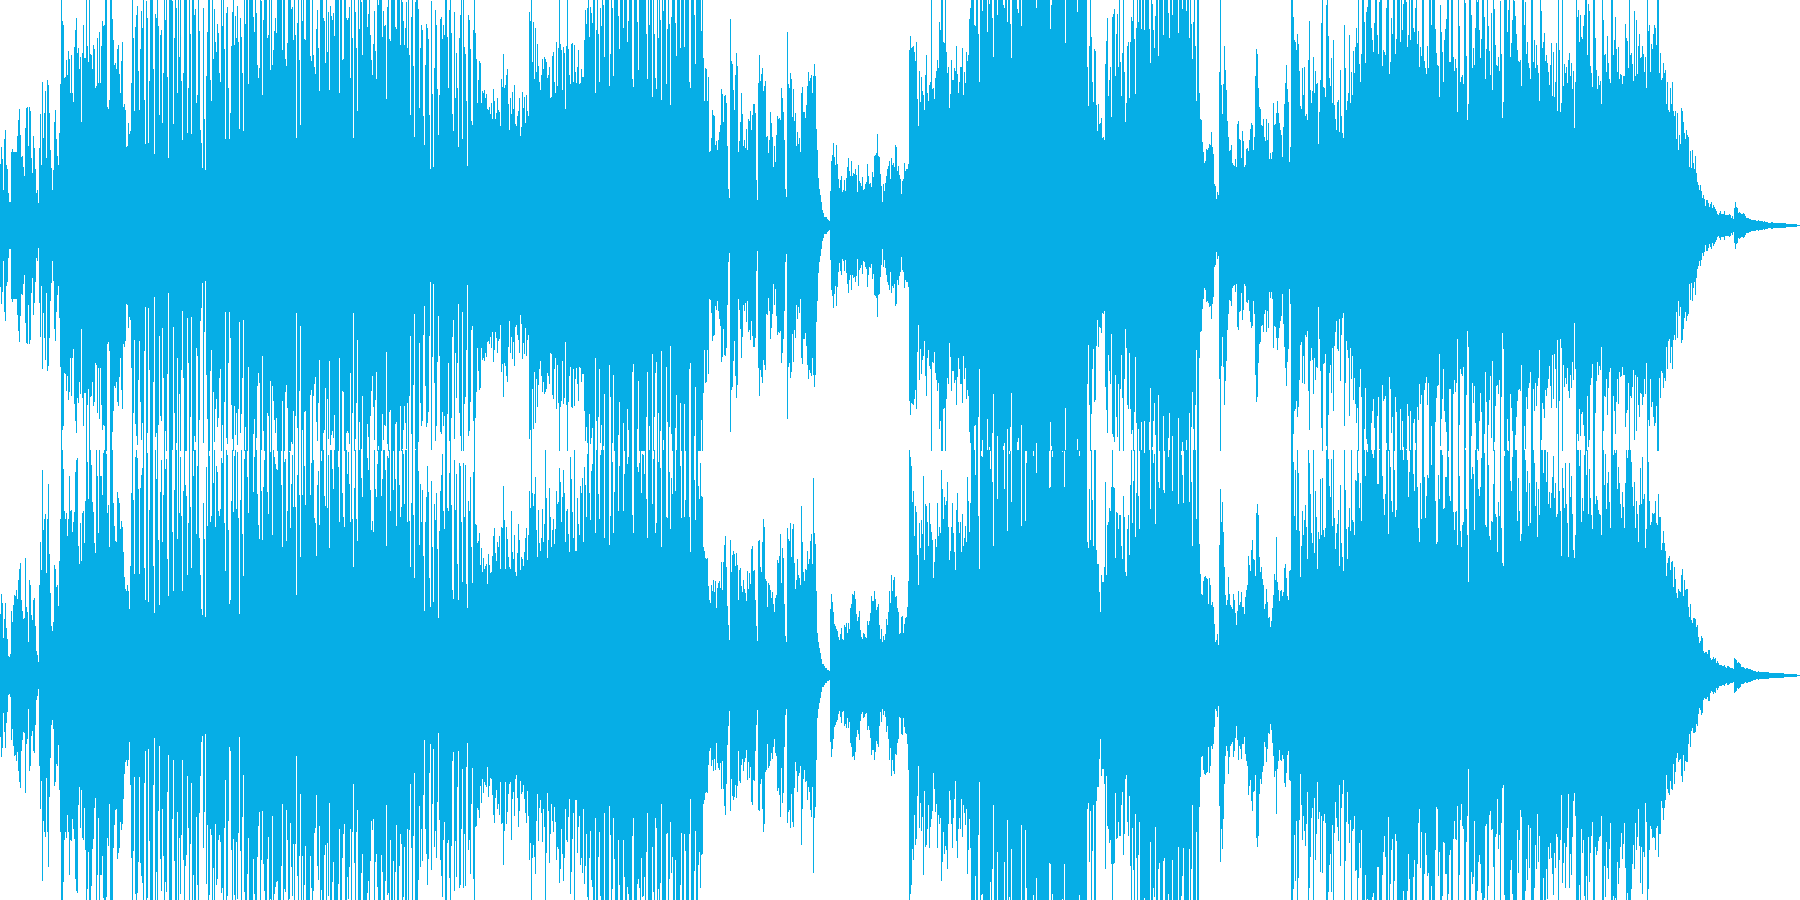 闇→光・恐怖やパニックがテーマの作品にの再生済みの波形